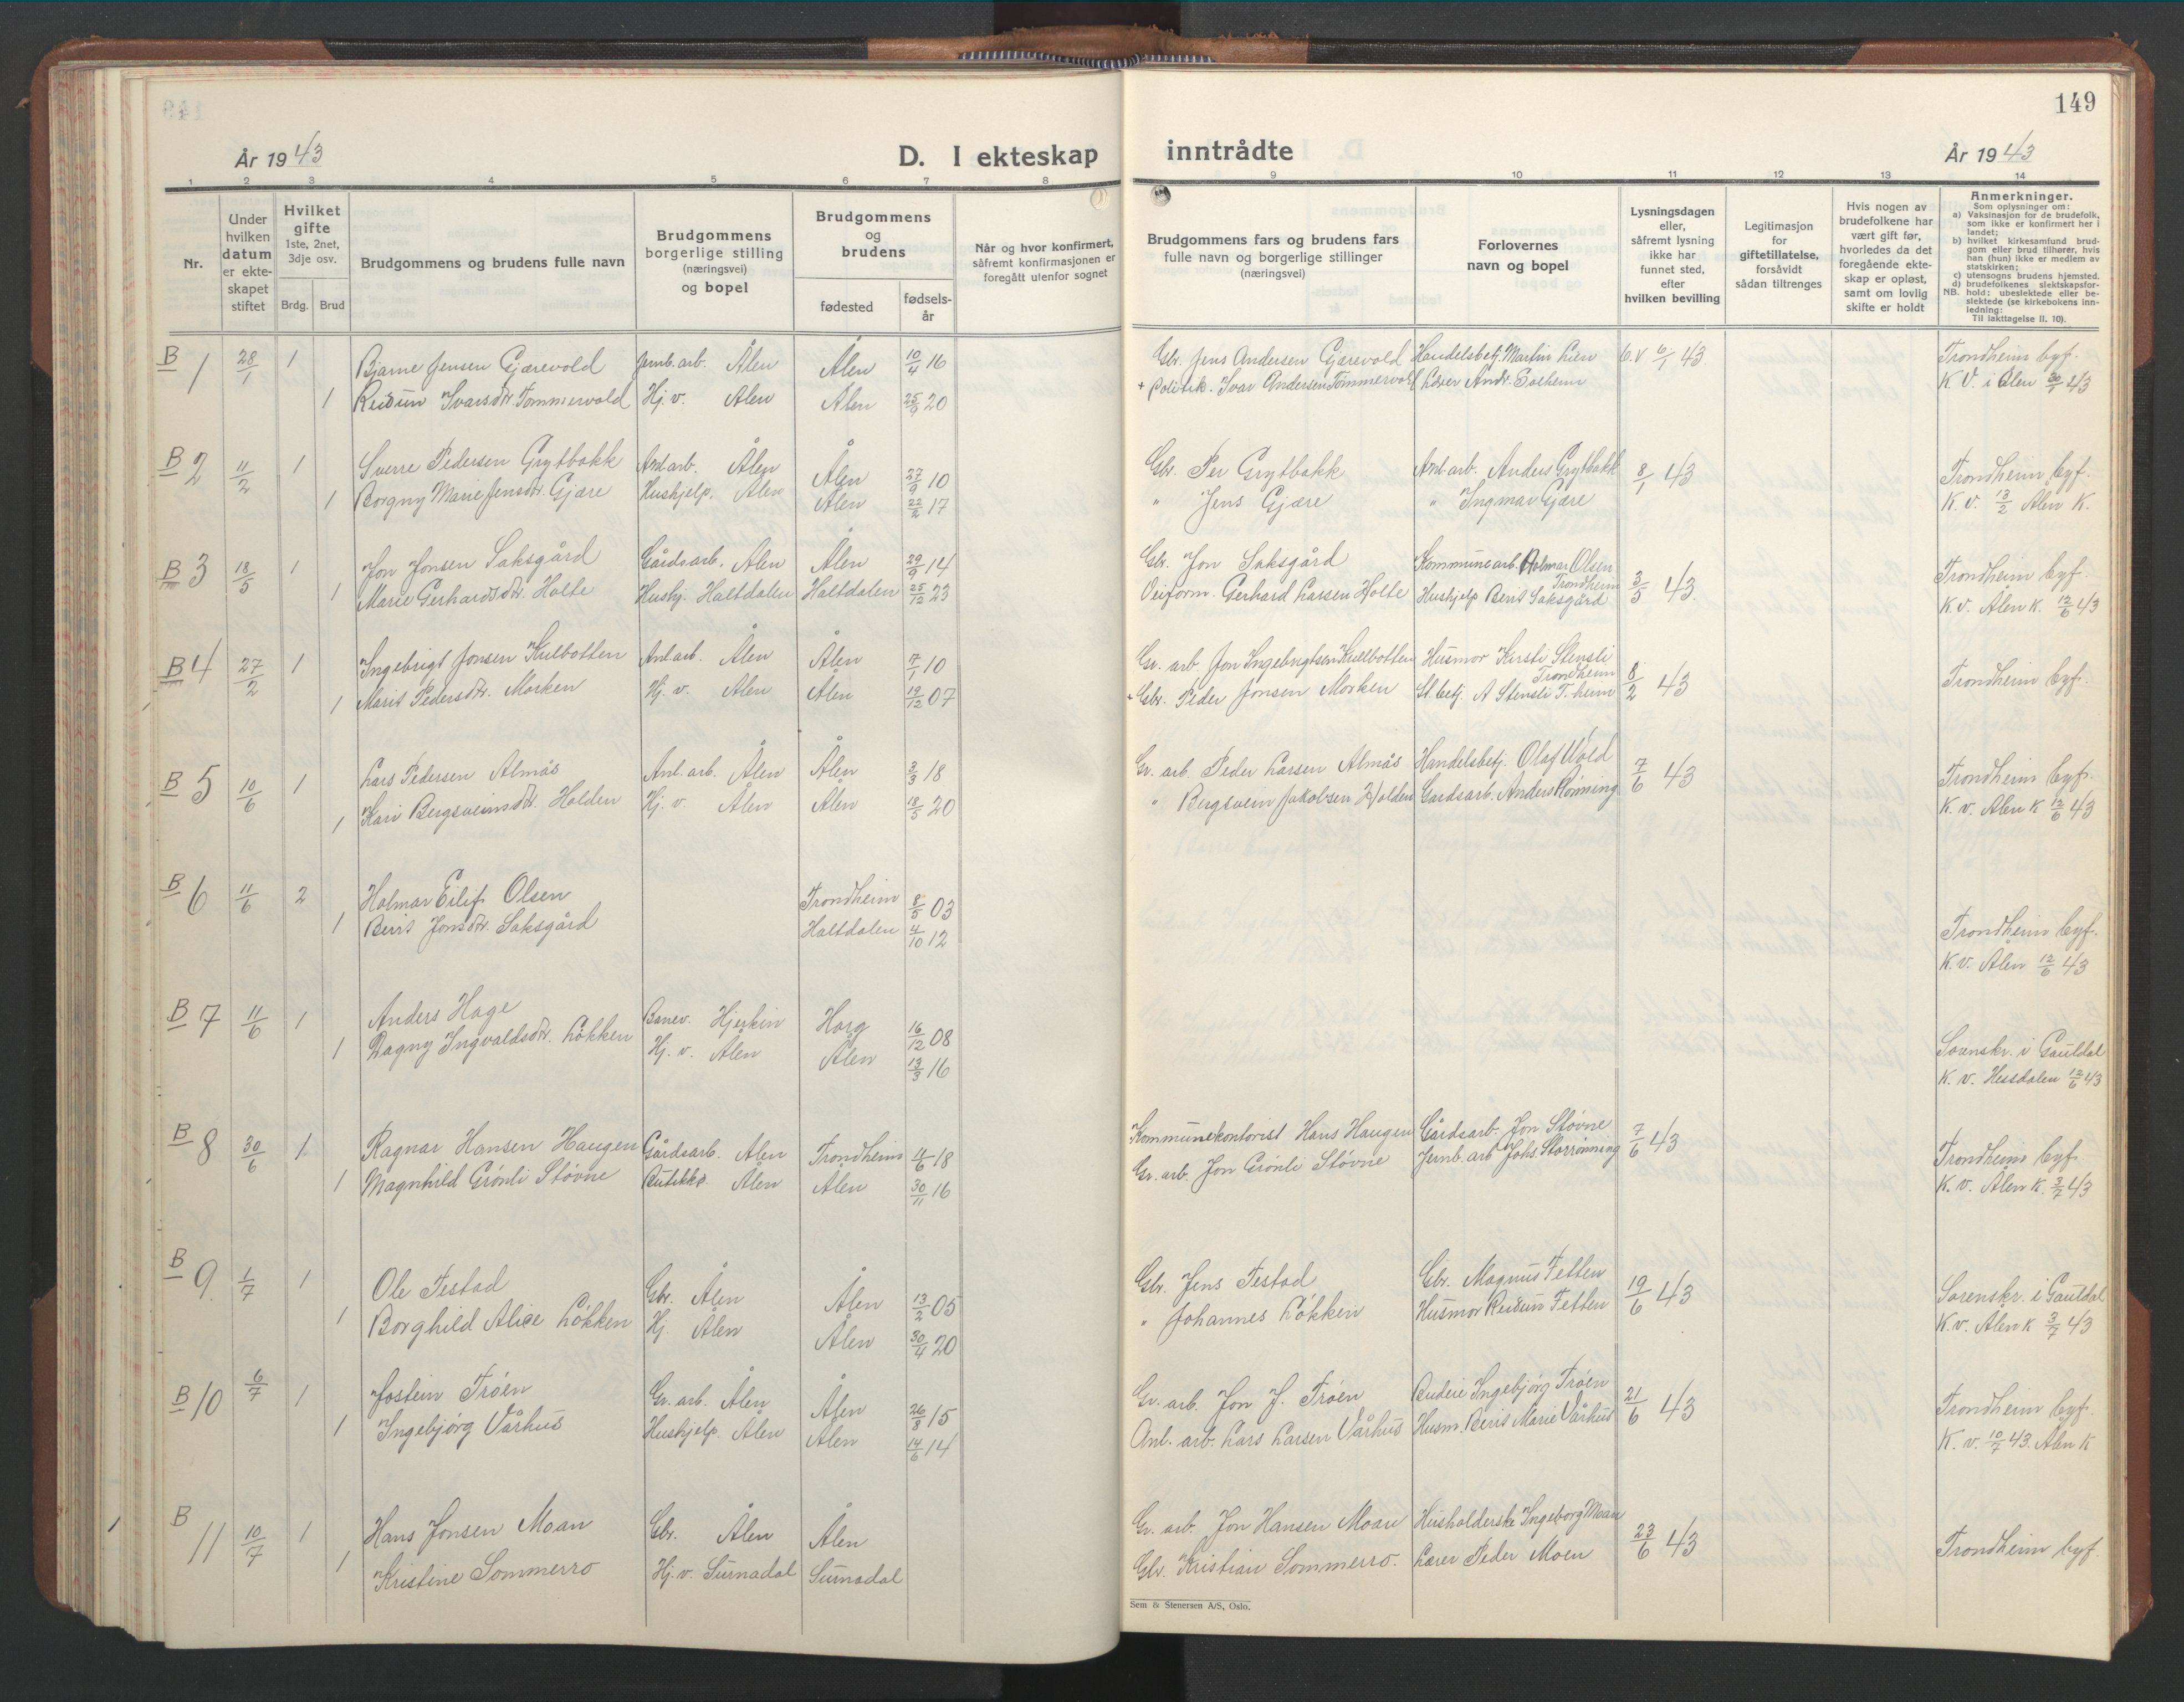 SAT, Ministerialprotokoller, klokkerbøker og fødselsregistre - Sør-Trøndelag, 686/L0986: Klokkerbok nr. 686C02, 1933-1950, s. 149